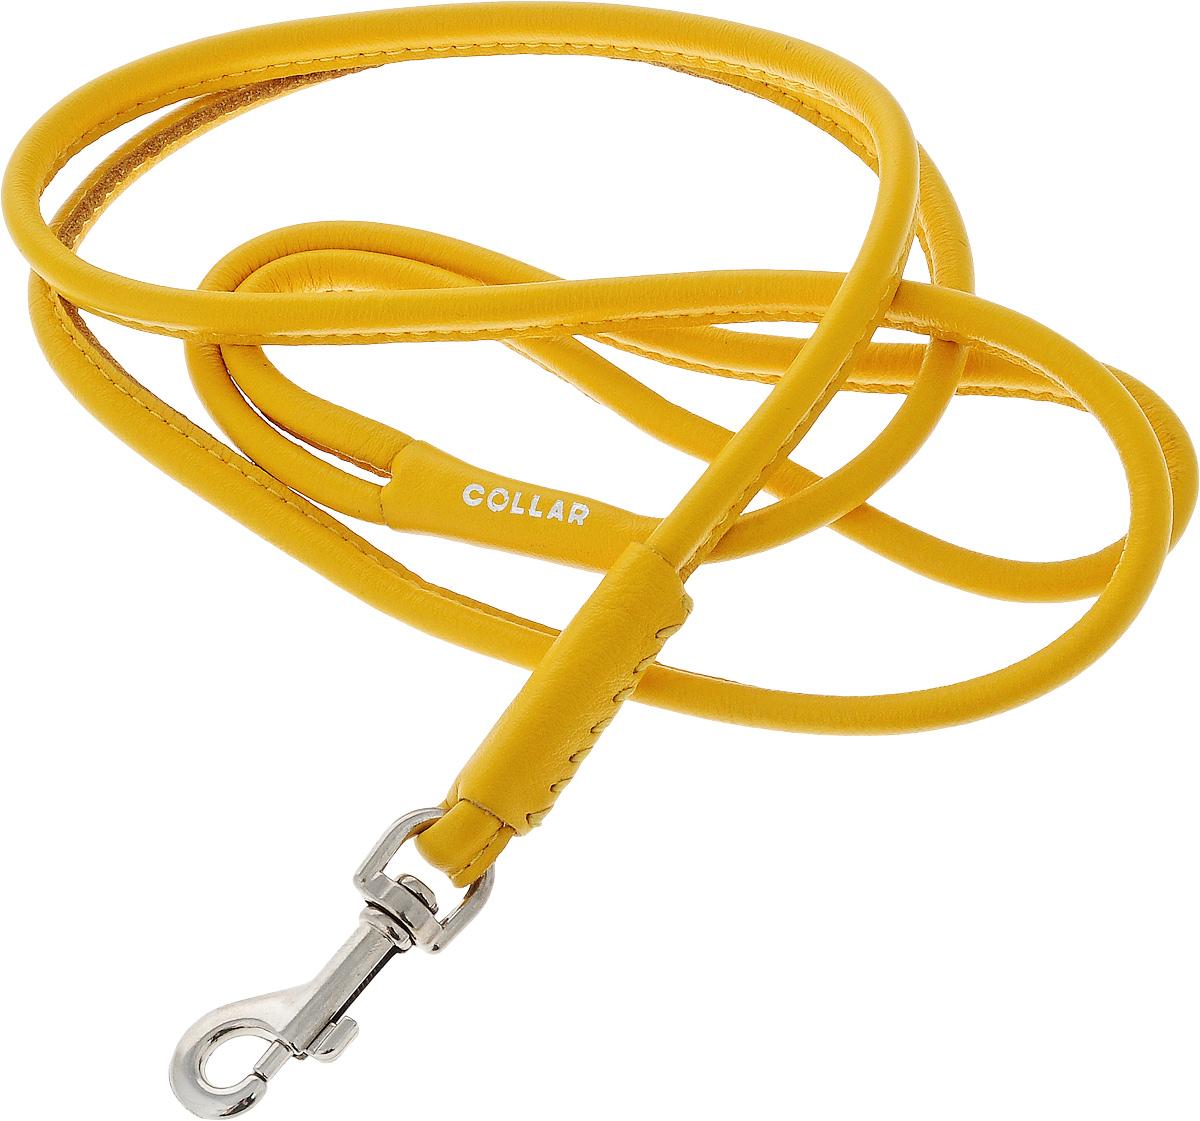 Поводок для собак CoLLaR Glamour, цвет: желтый, диаметр 6 мм, длина 1,22 м33808Поводок для собак CoLLaR Glamour изготовлен из натуральной кожи и снабжен металлическим карабином. Поводок отличается не только исключительной надежностью и удобством, но и оригинальным дизайном. Он идеально подойдет для активных собак, для прогулок на природе и охоты. Поводок - необходимый аксессуар для собаки. Ведь в опасных ситуациях именно он способен спасти жизнь вашему любимому питомцу. Диаметр поводка: 6 мм. Длина поводка: 1,22 м.